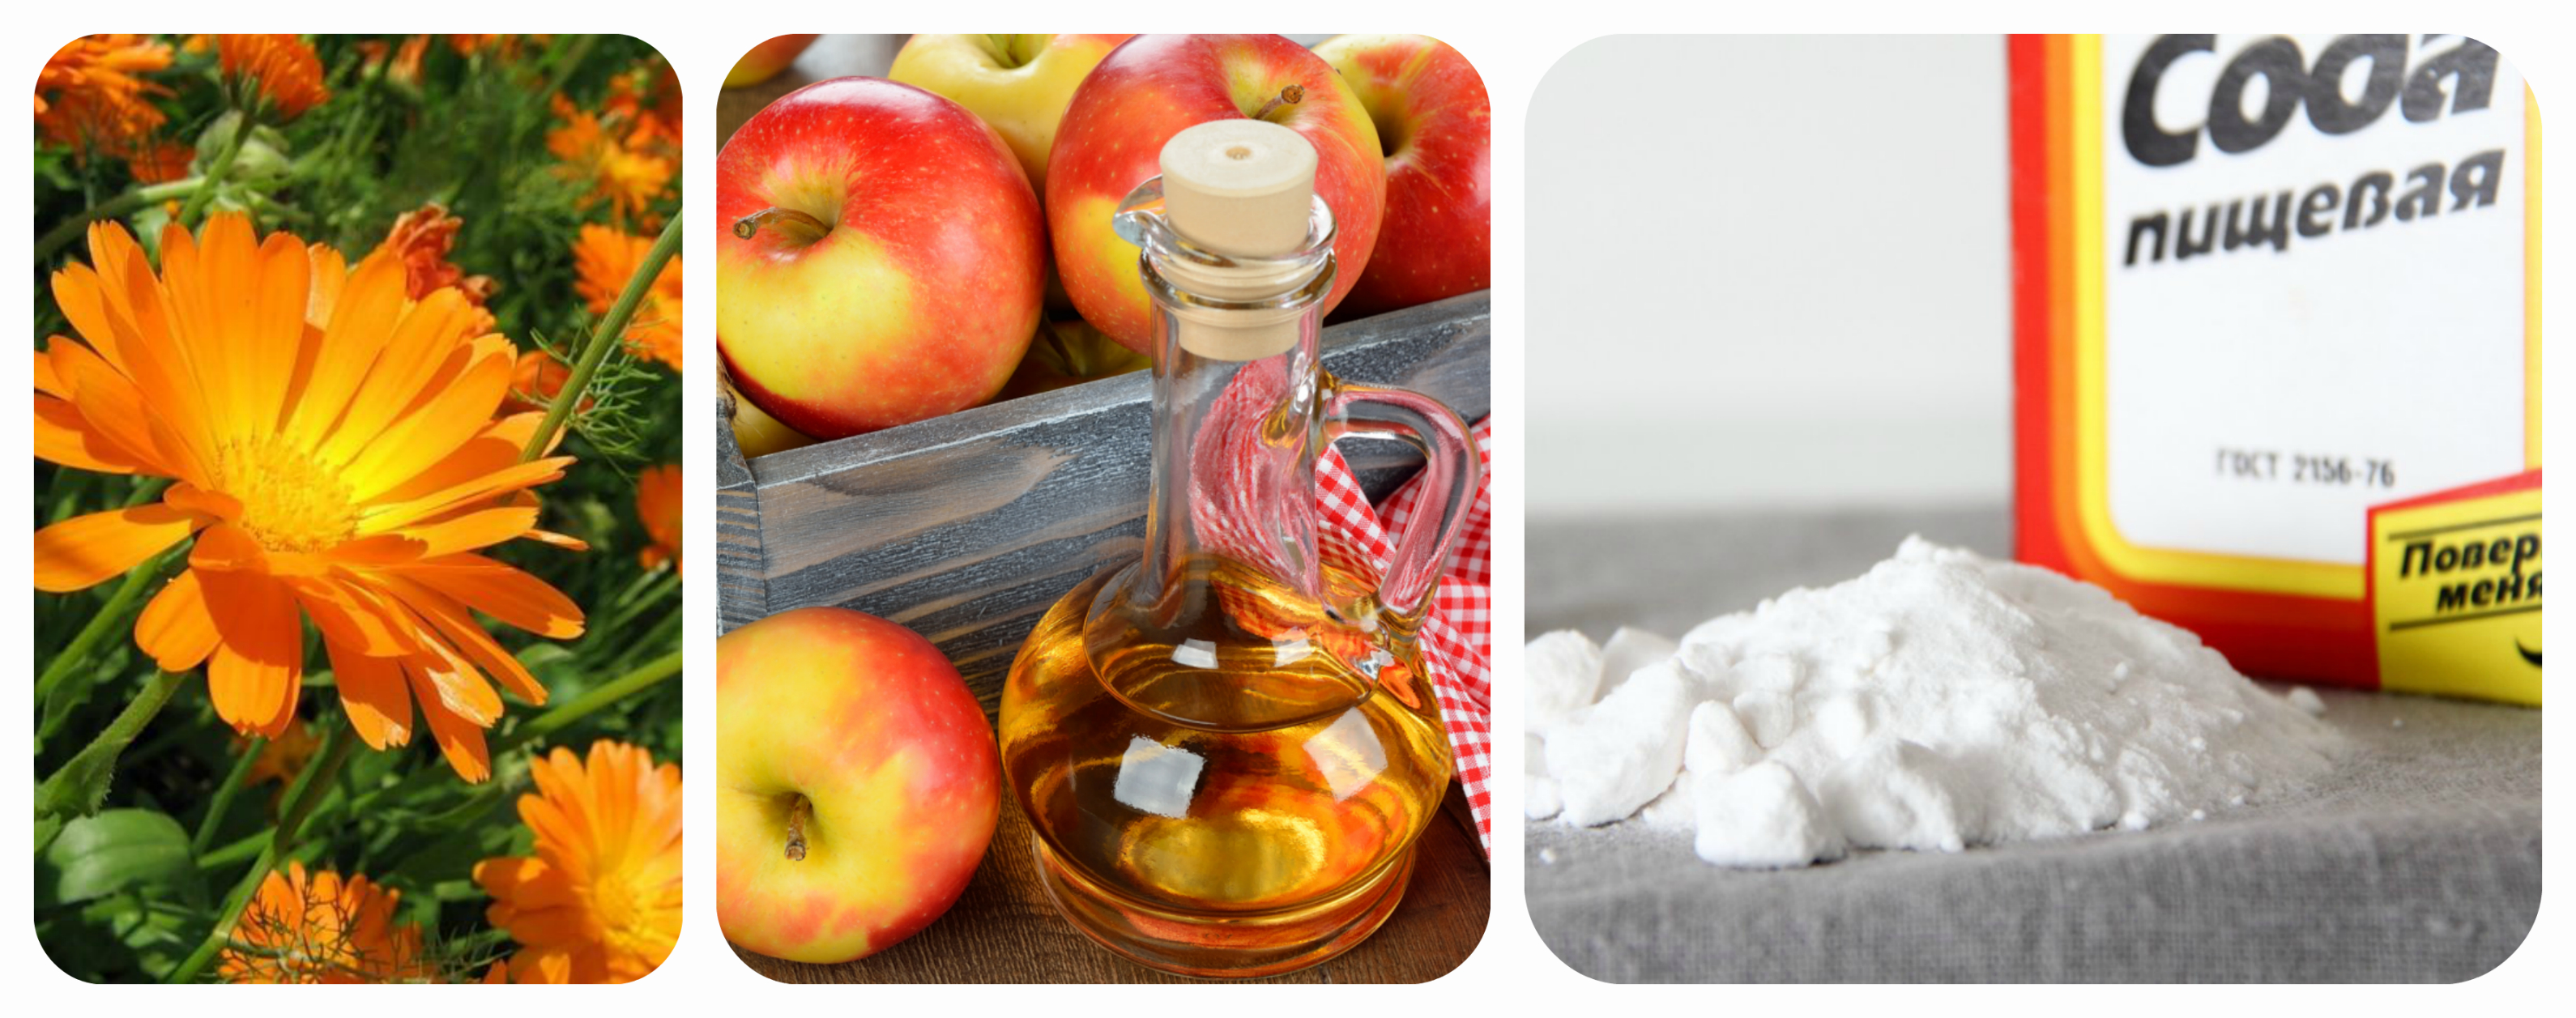 яблочный уксус, сода, календула